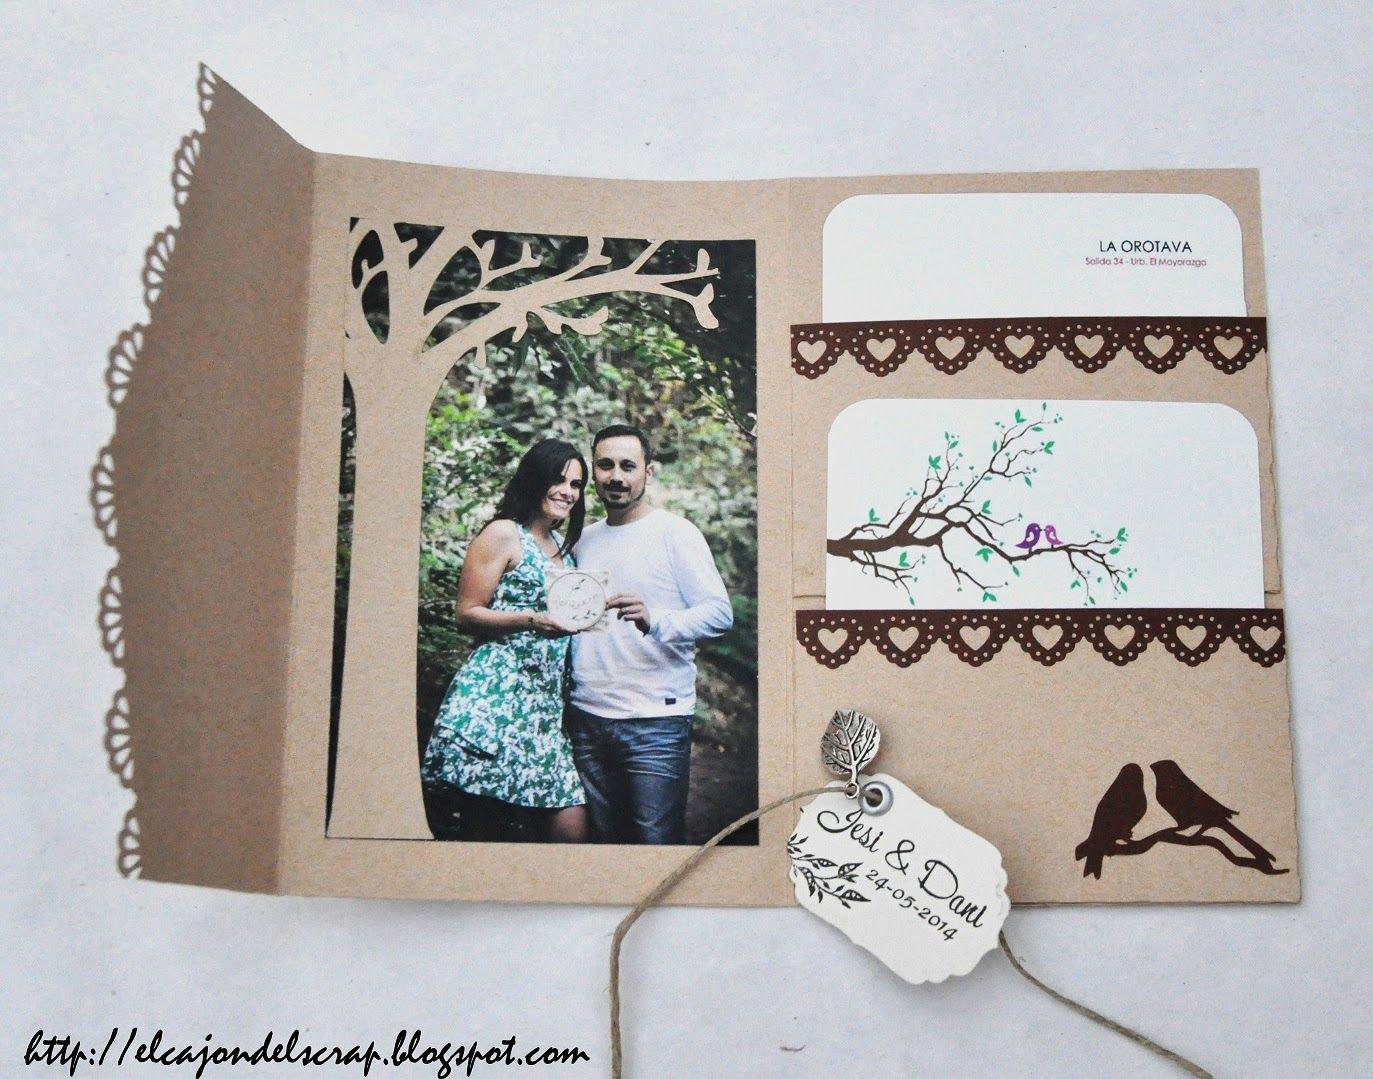 How to scrapbook wedding invitations - Wedding Invitation Invitaciones De Boda Hechas A Mano